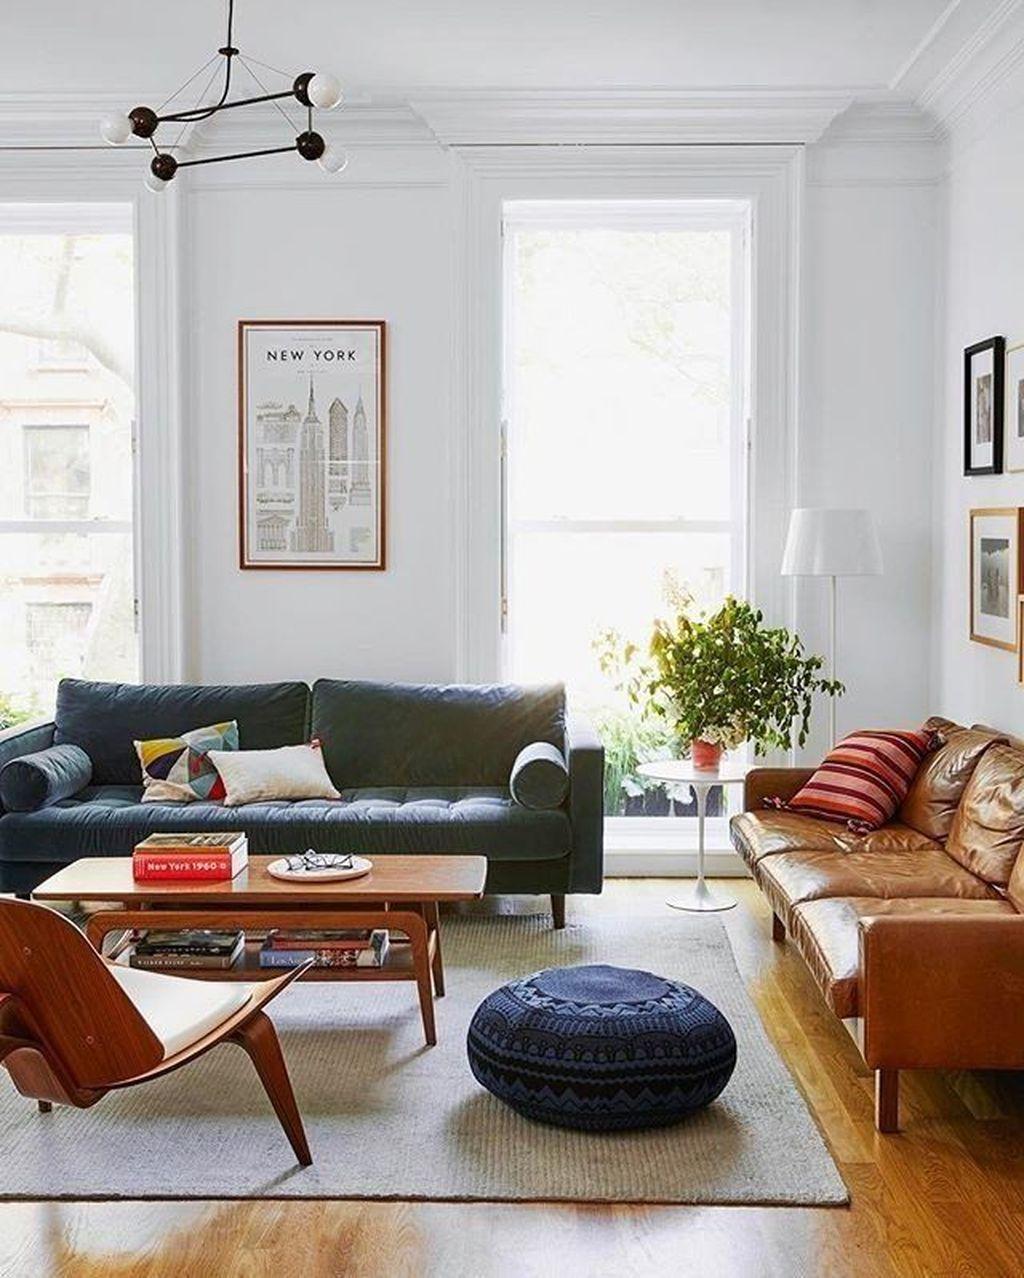 Amazing Contemporary Living Room Design Ideas You Should Copy 24